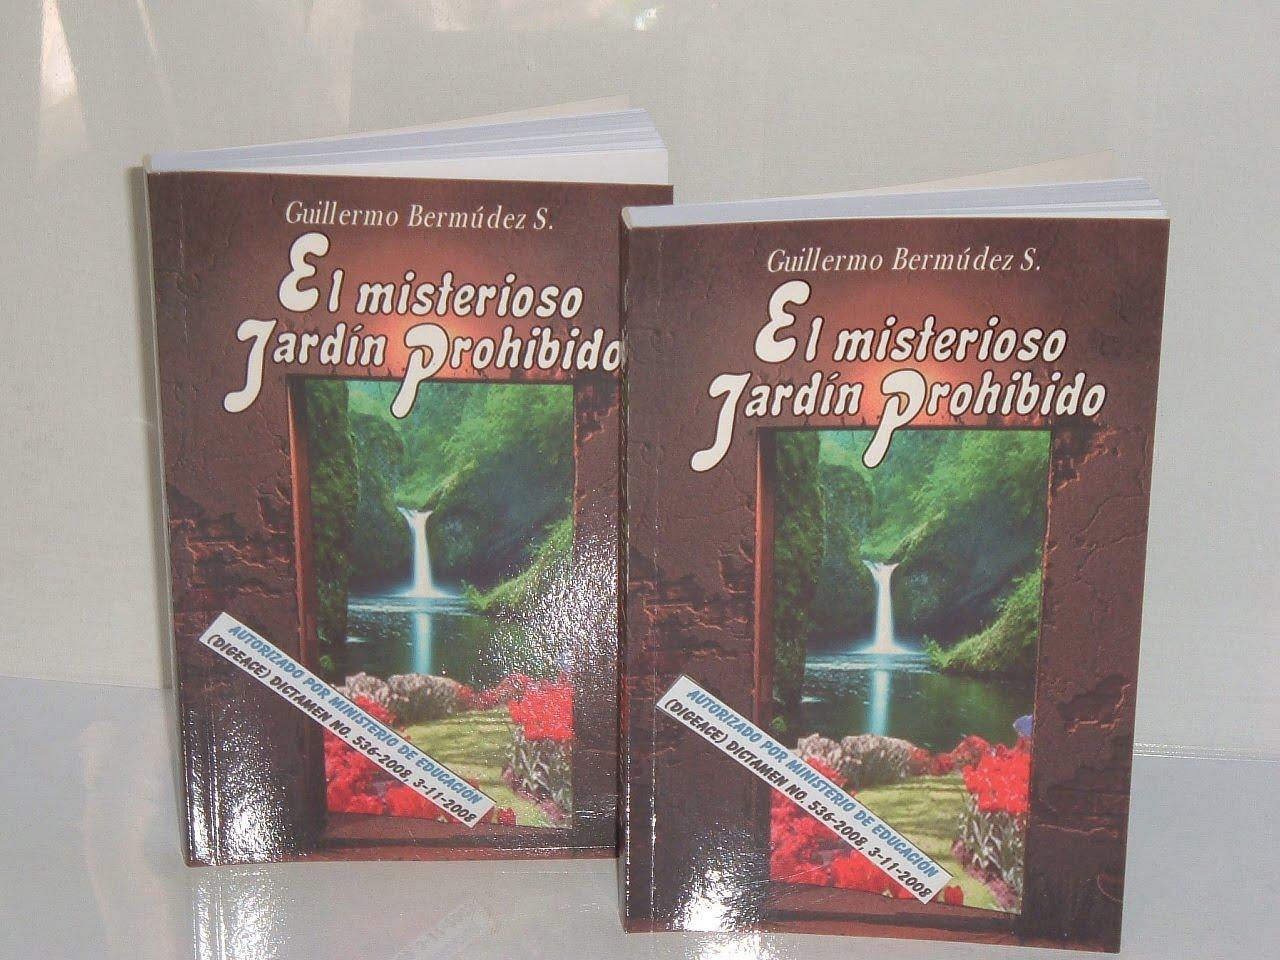 Cursos en guatemala pintura oleo y tela bisuter a for Jardin prohibido